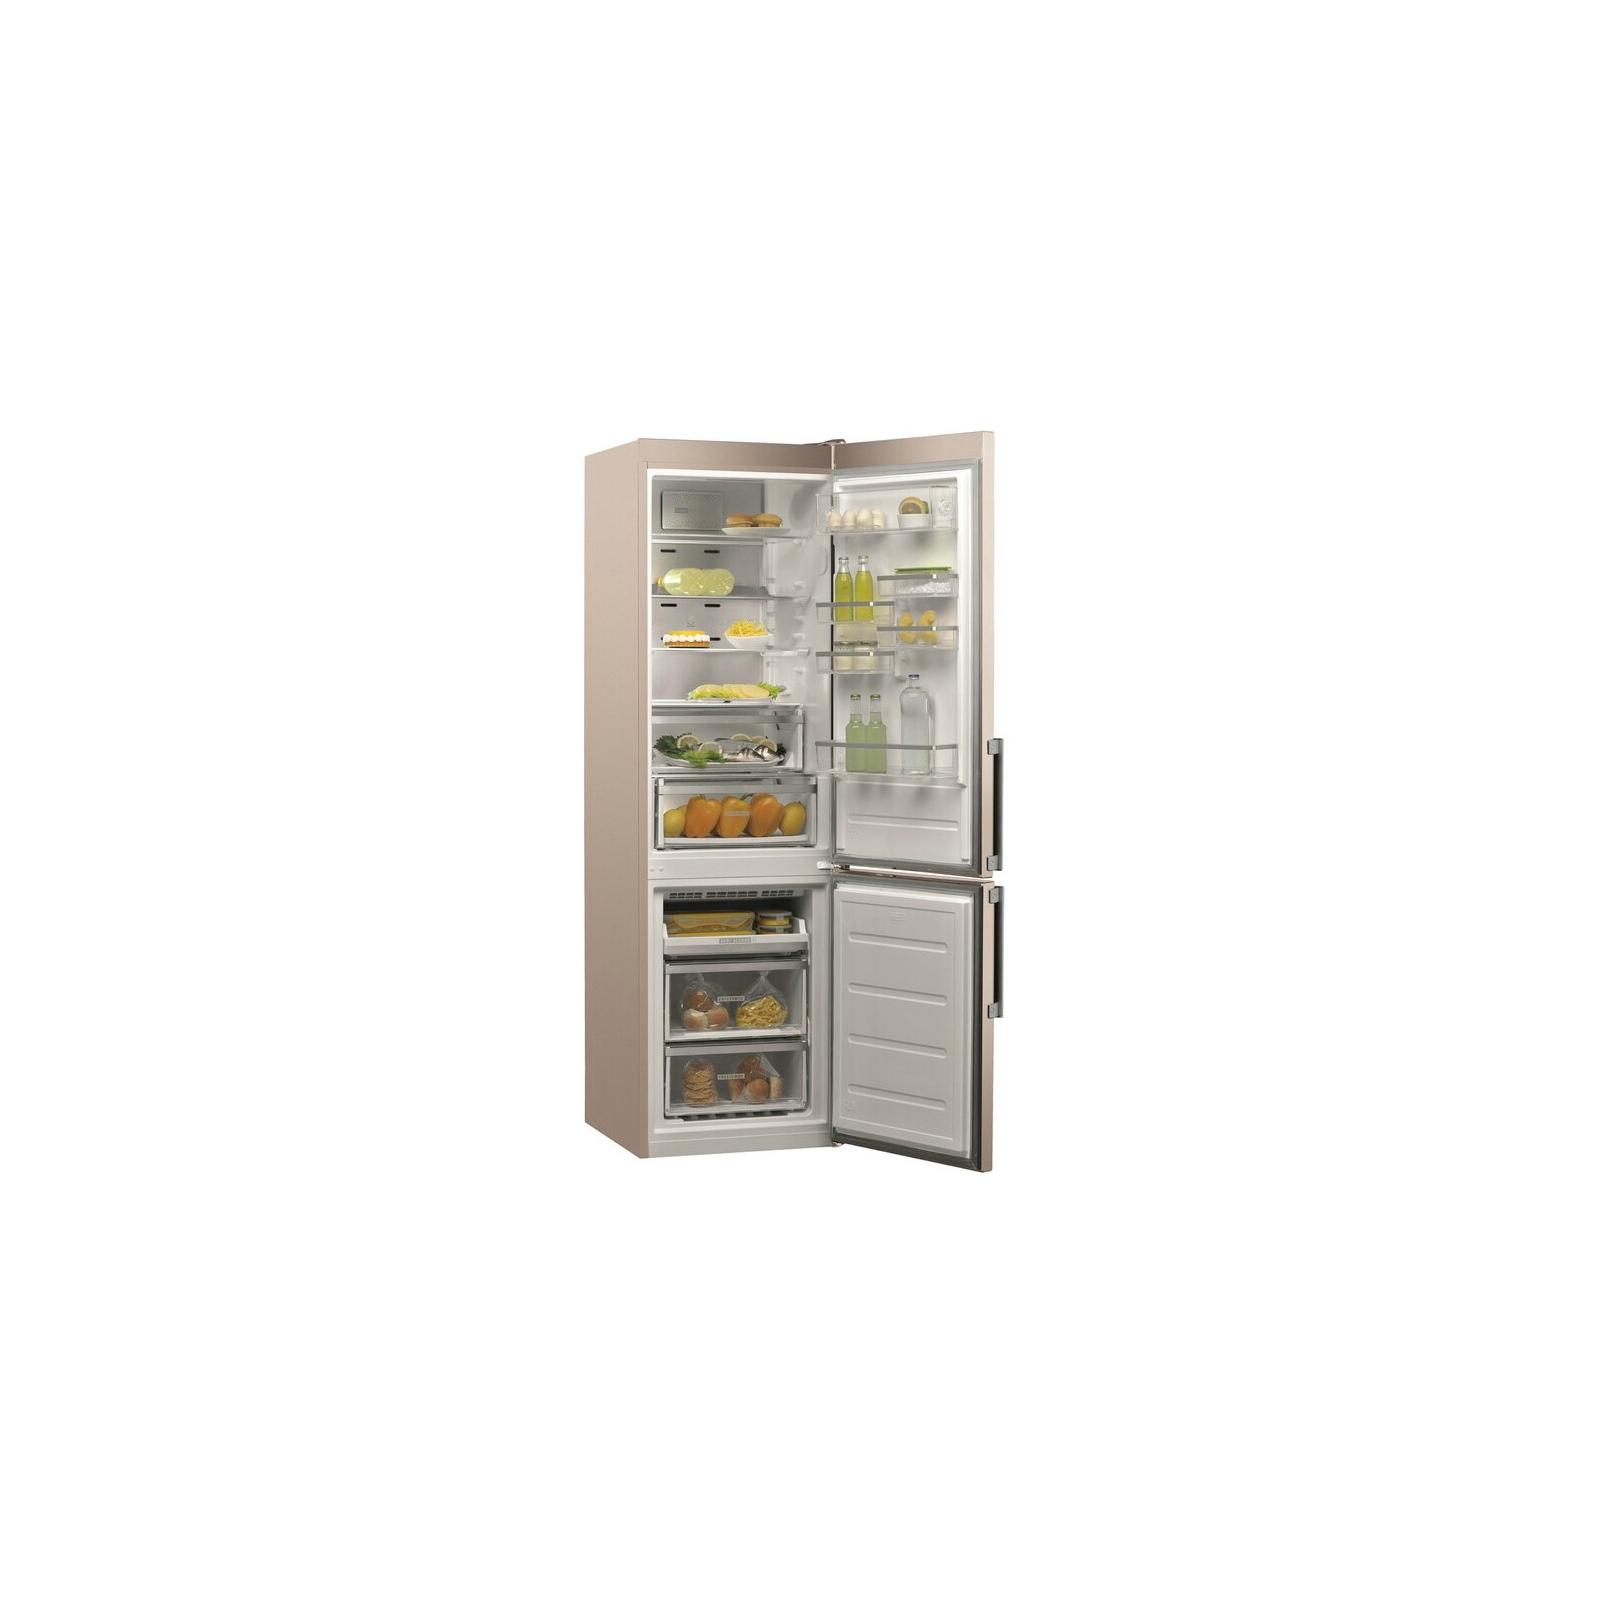 Холодильник Whirlpool W9931DKS изображение 3